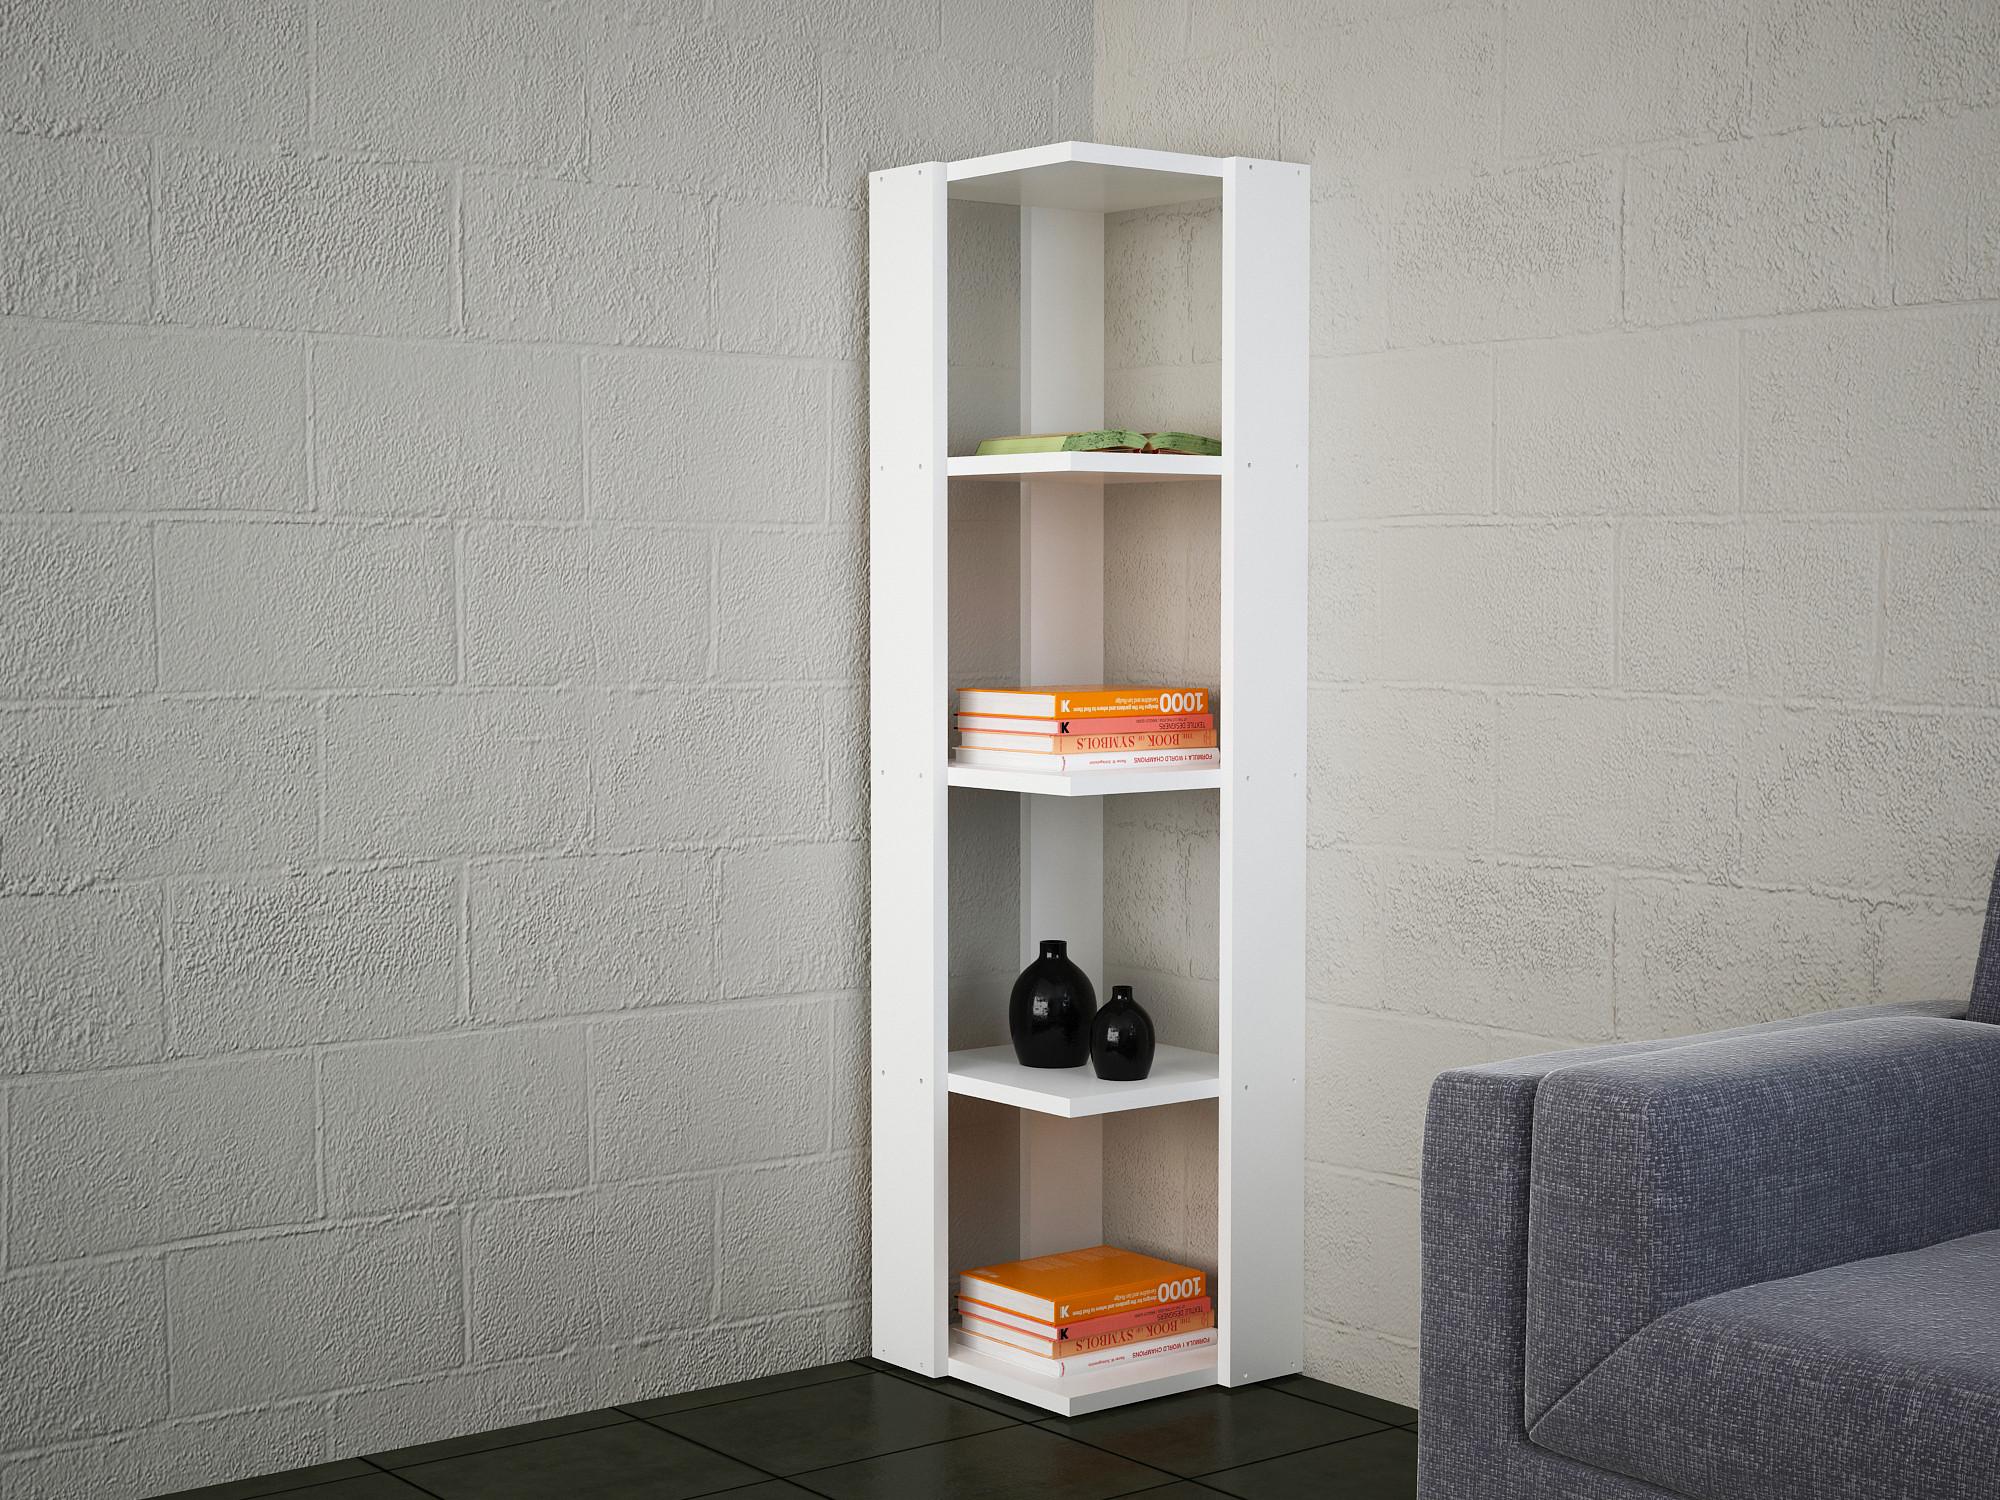 Venita White Bookshelf 756frn3611